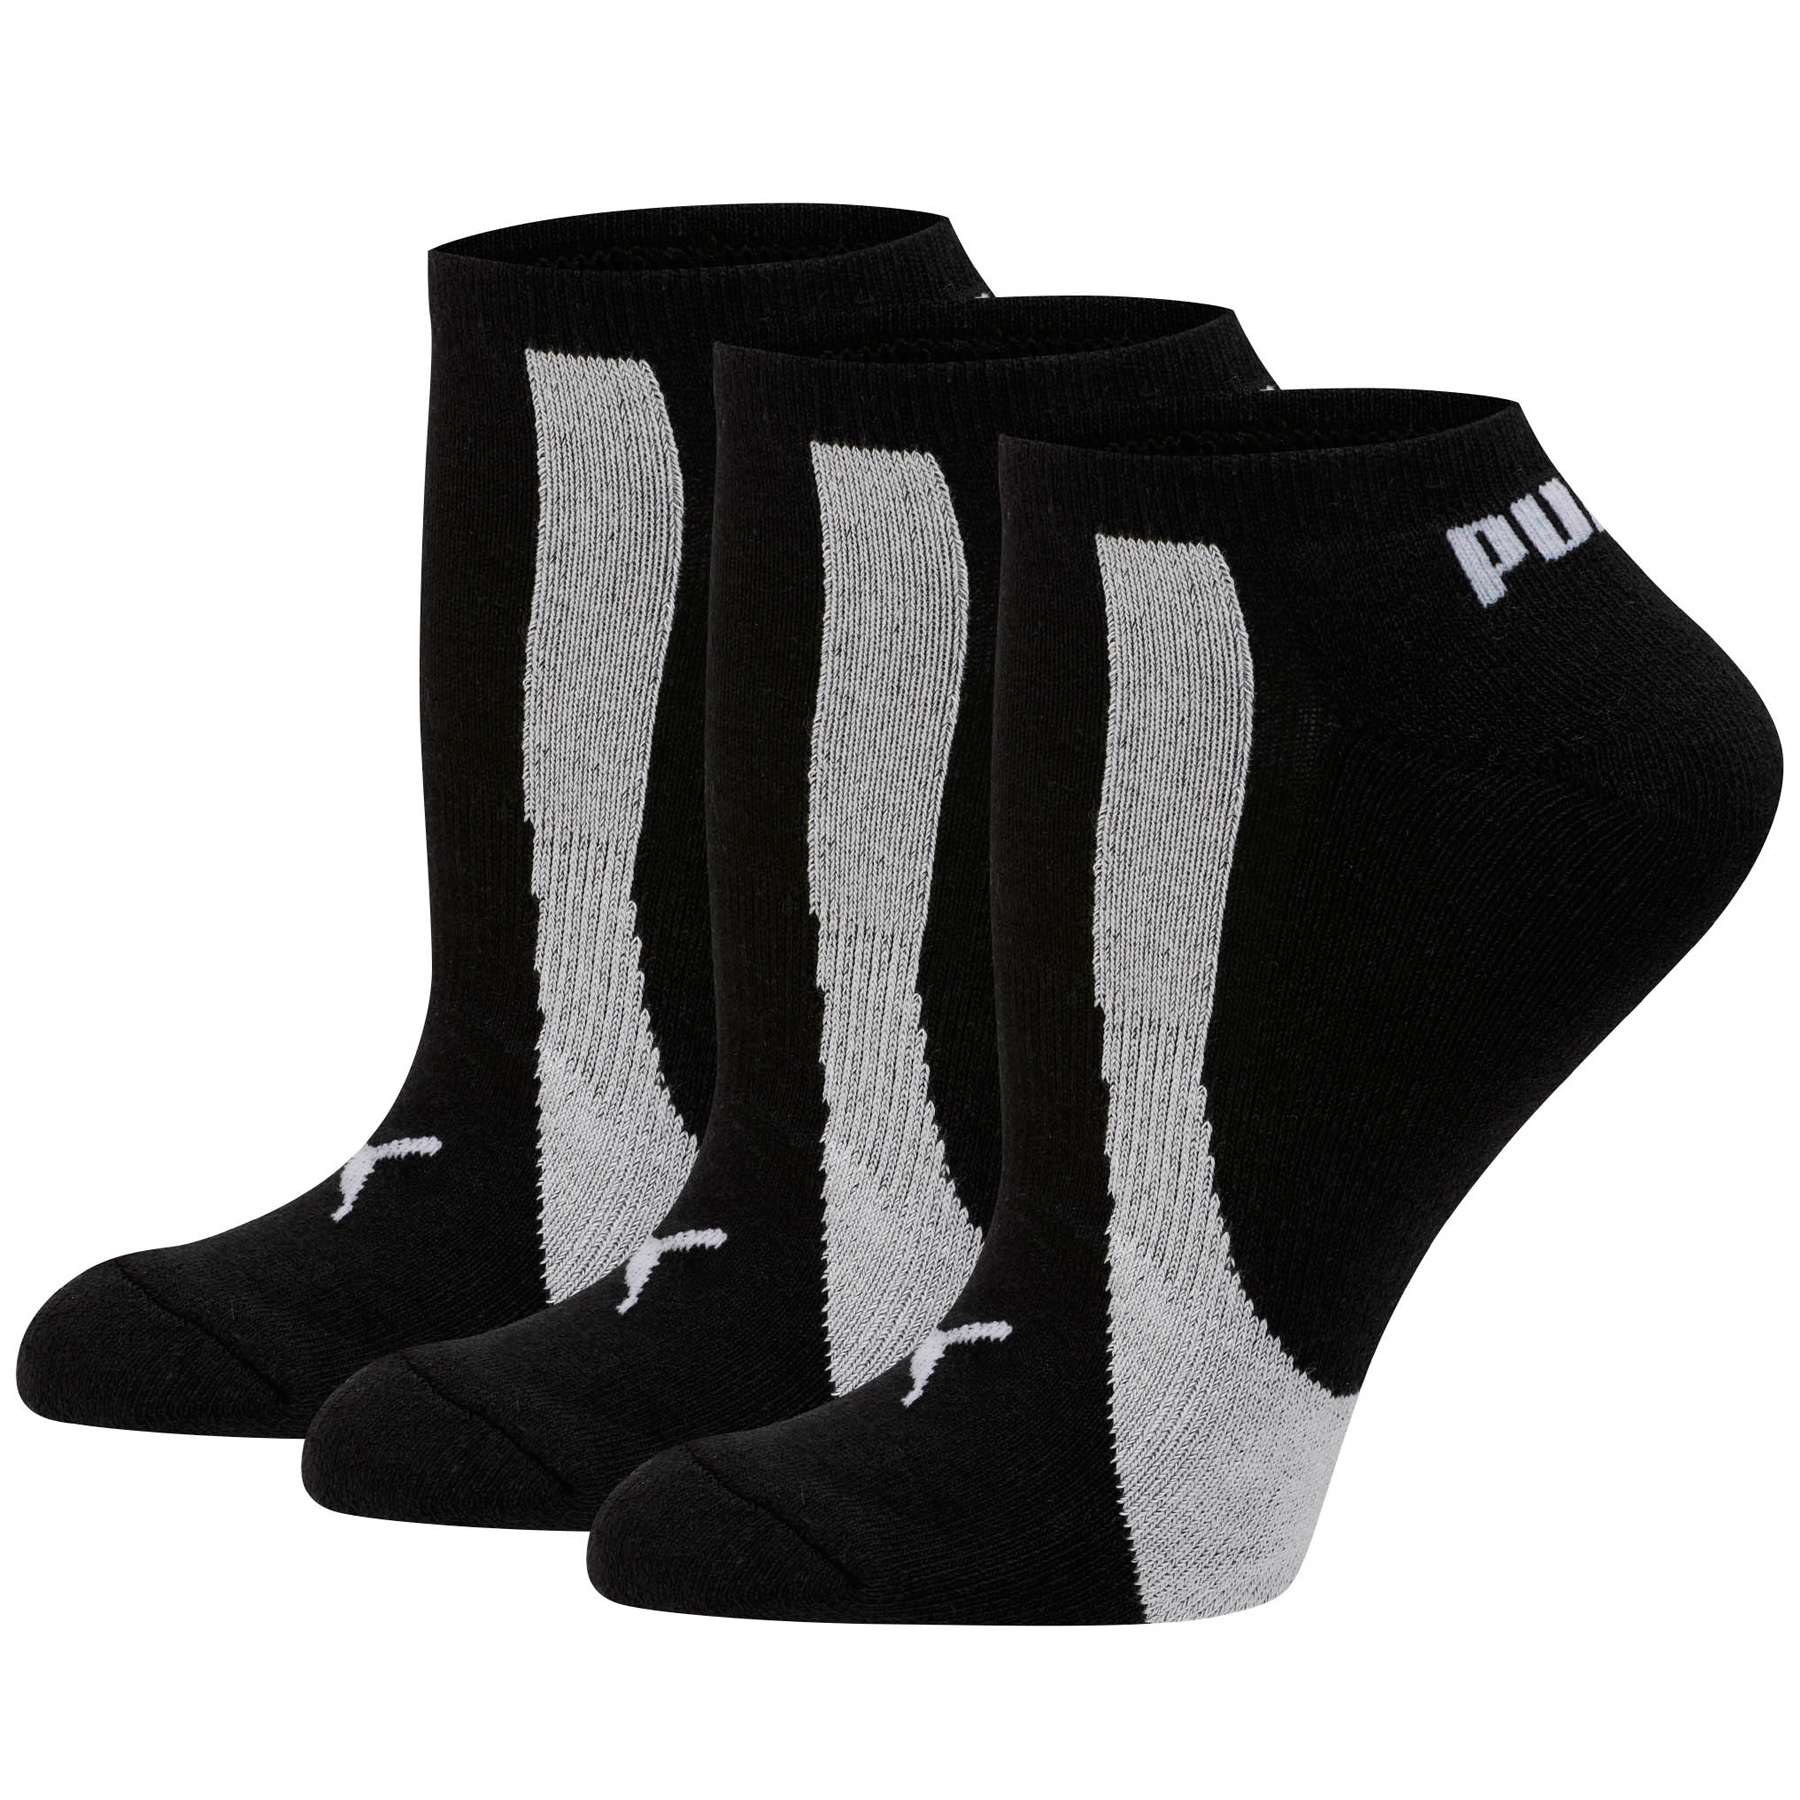 Only $1.99 (Regular $12) Puma Women's